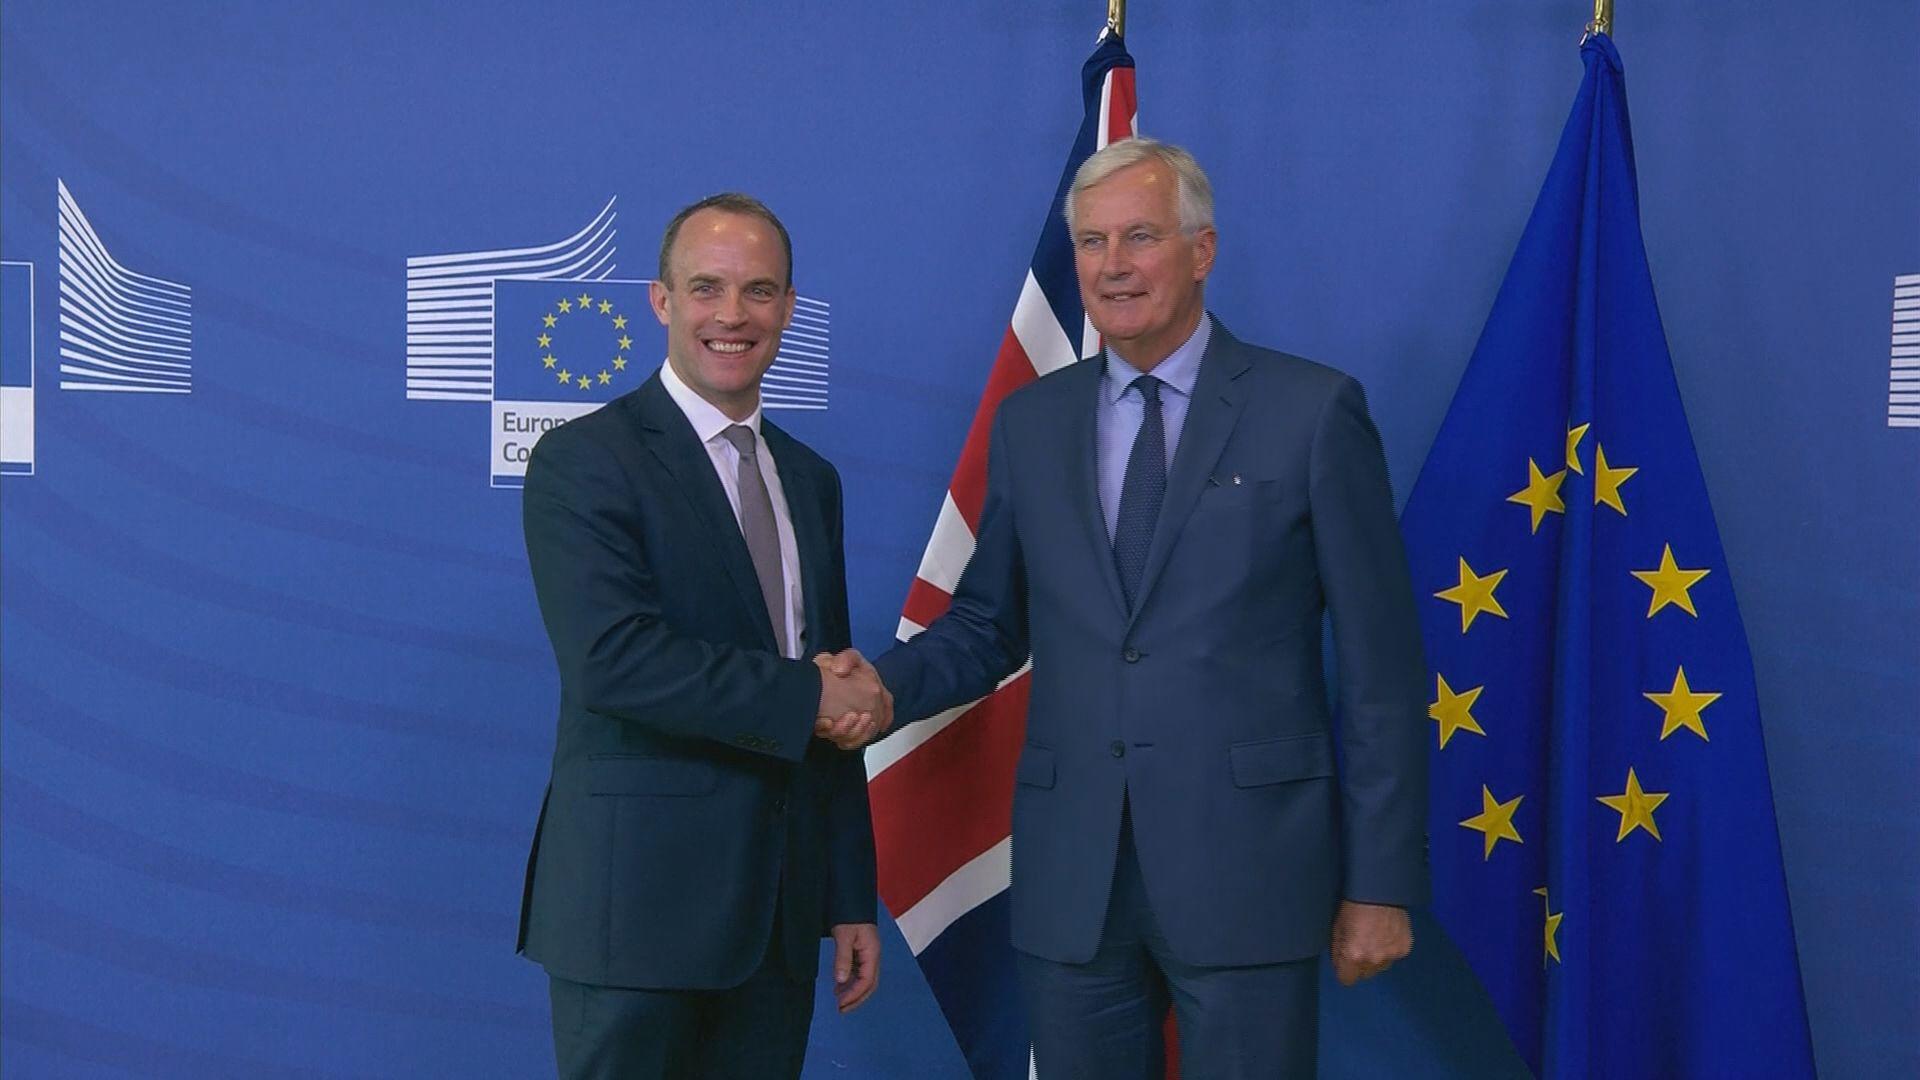 英國與歐盟對達成脫歐協議感樂觀